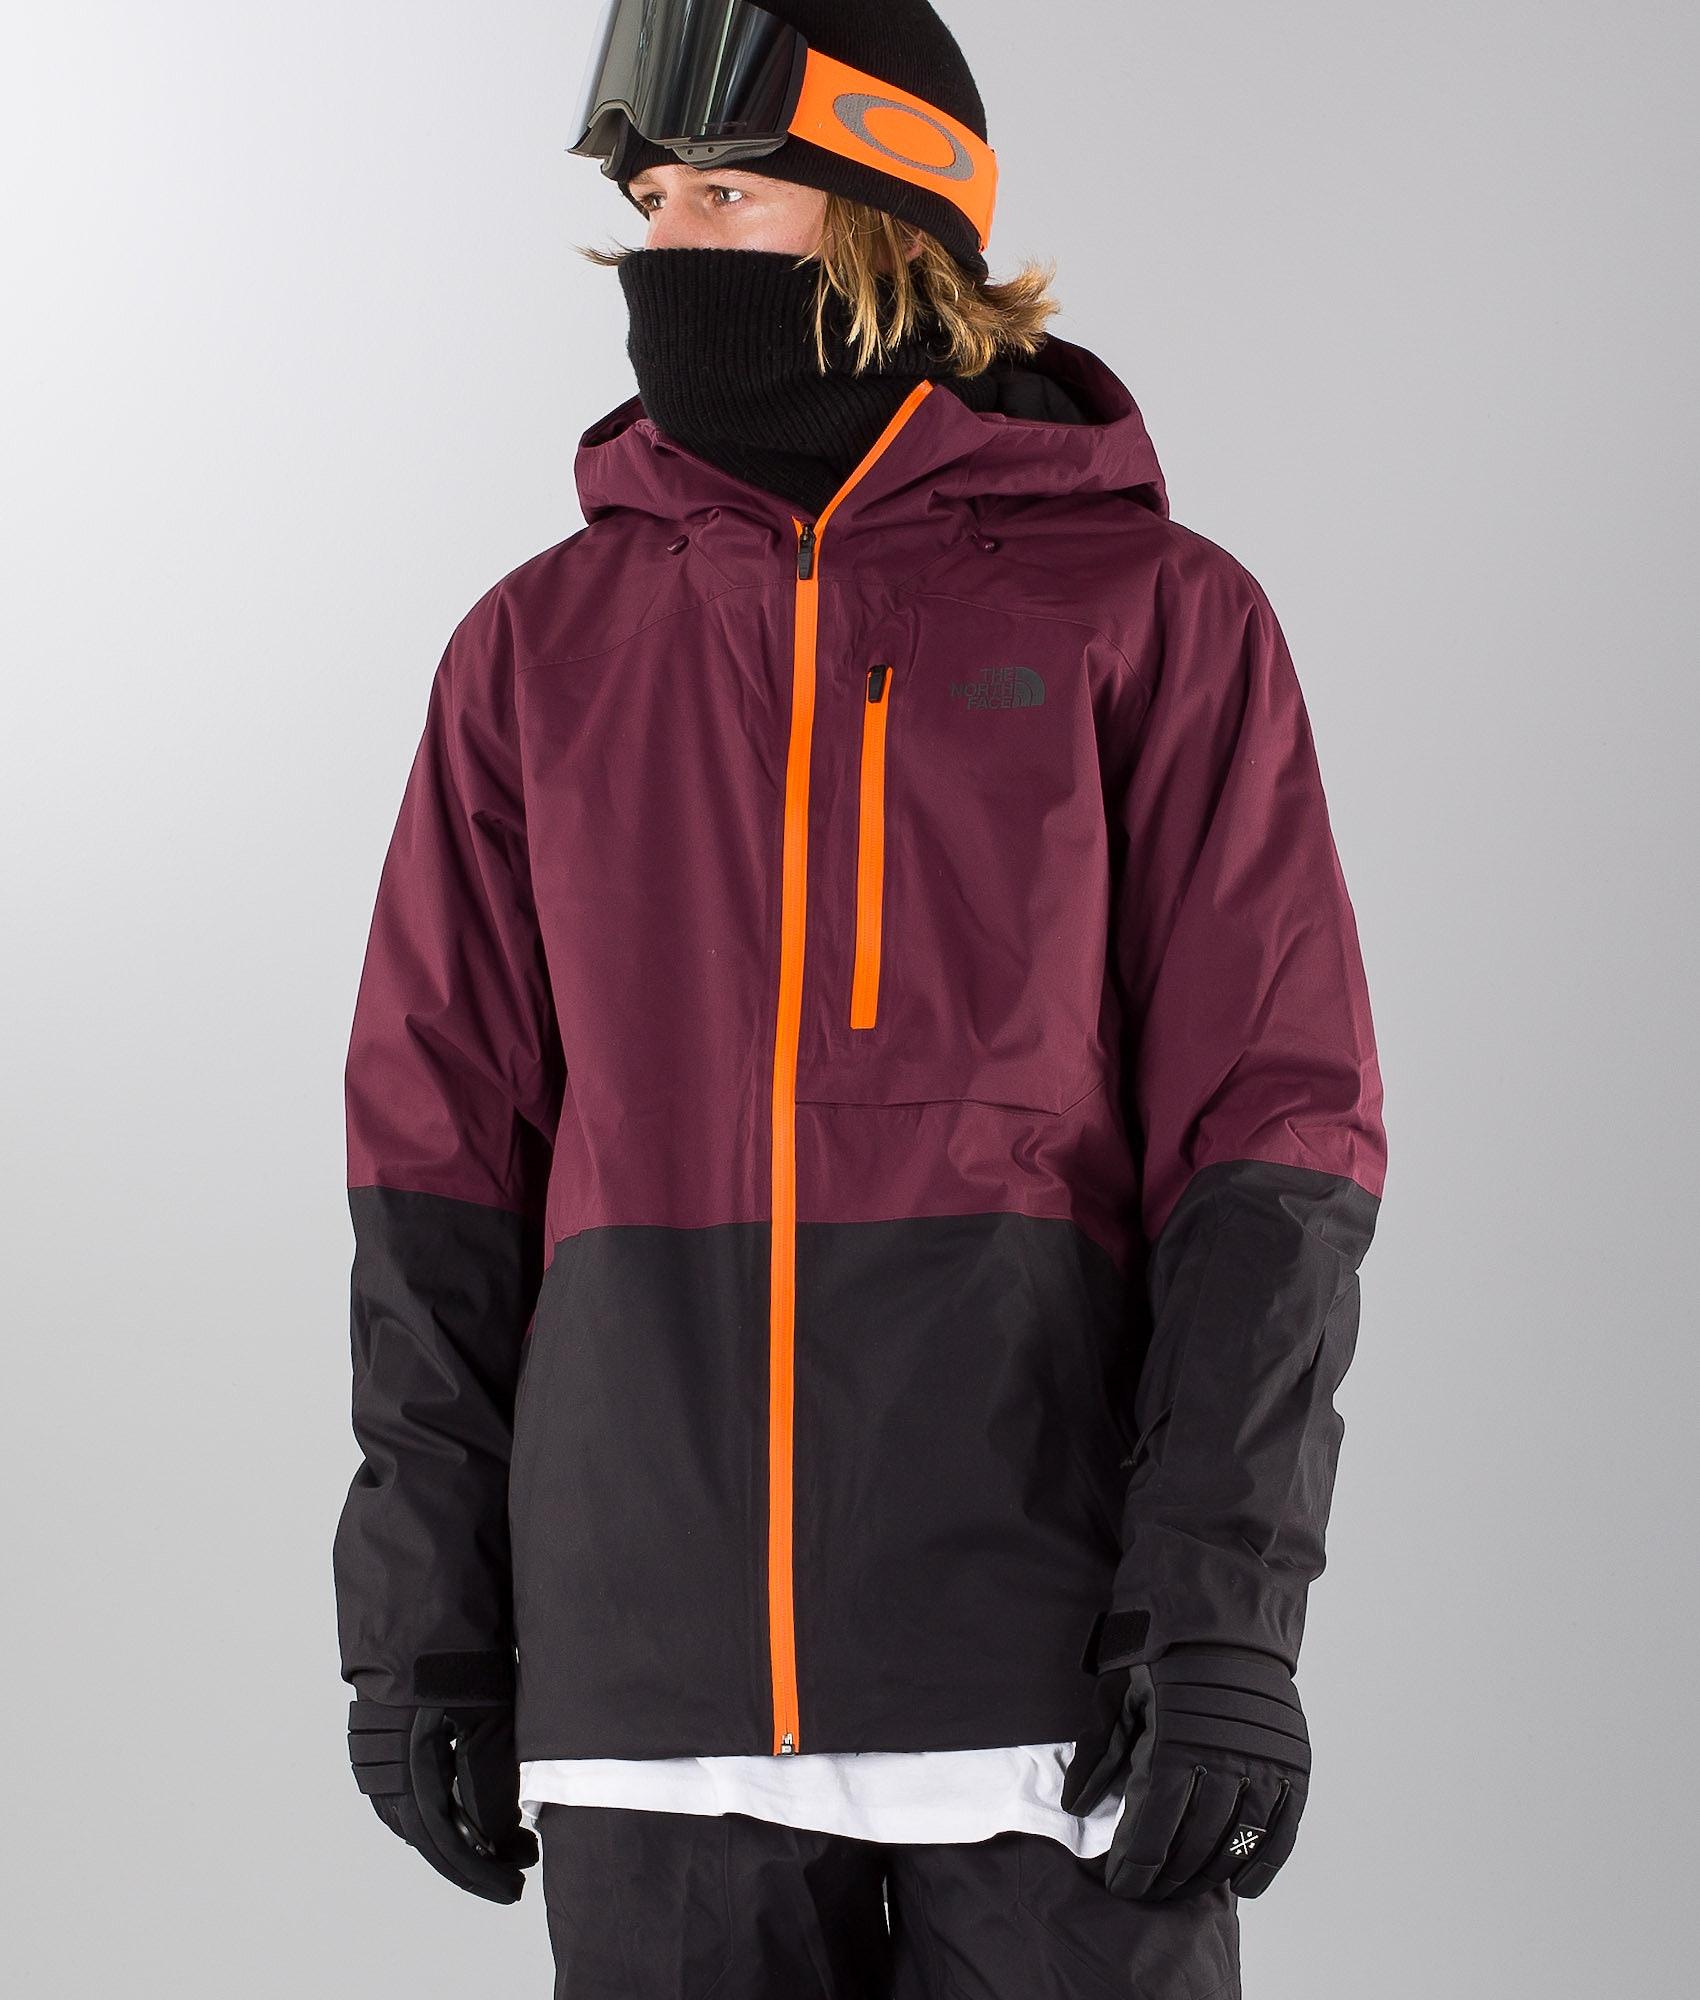 e00f7fc0d The North Face Sickline Ski Jacket Fig/Tnf Black